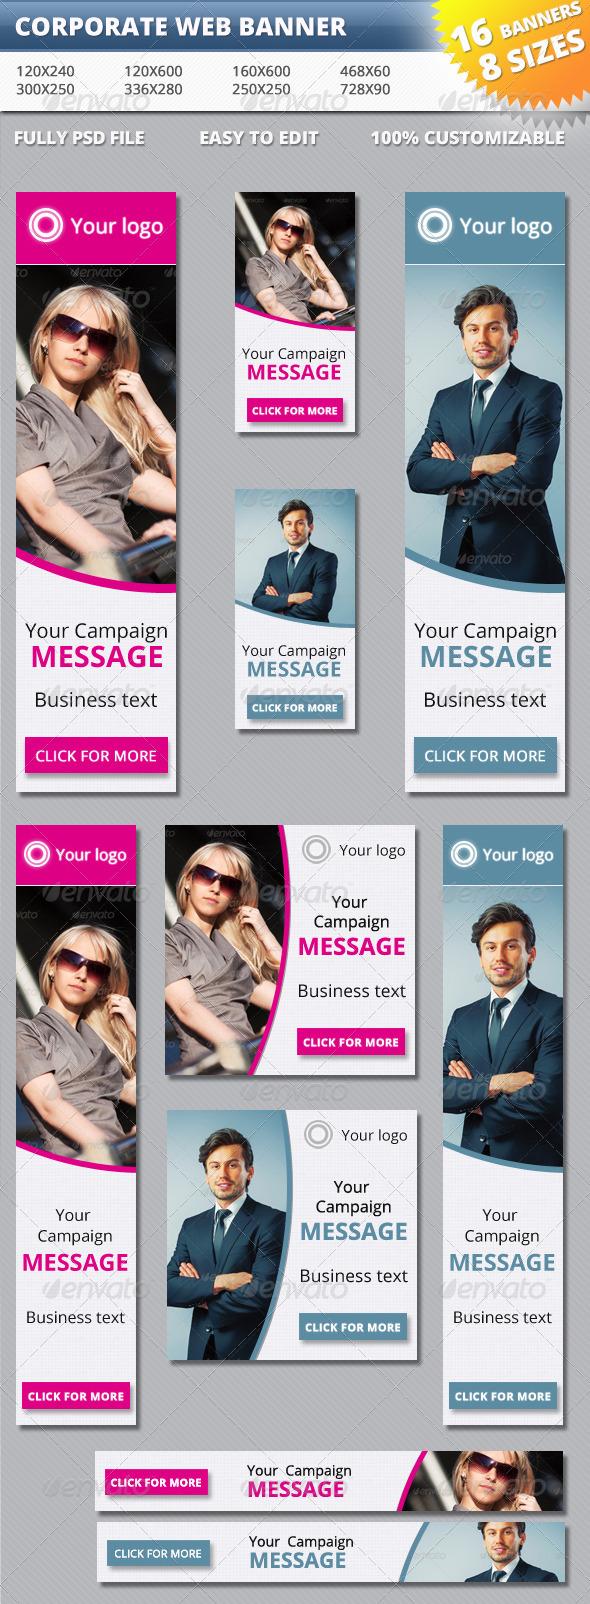 GraphicRiver Corporate Web Banner 5495733